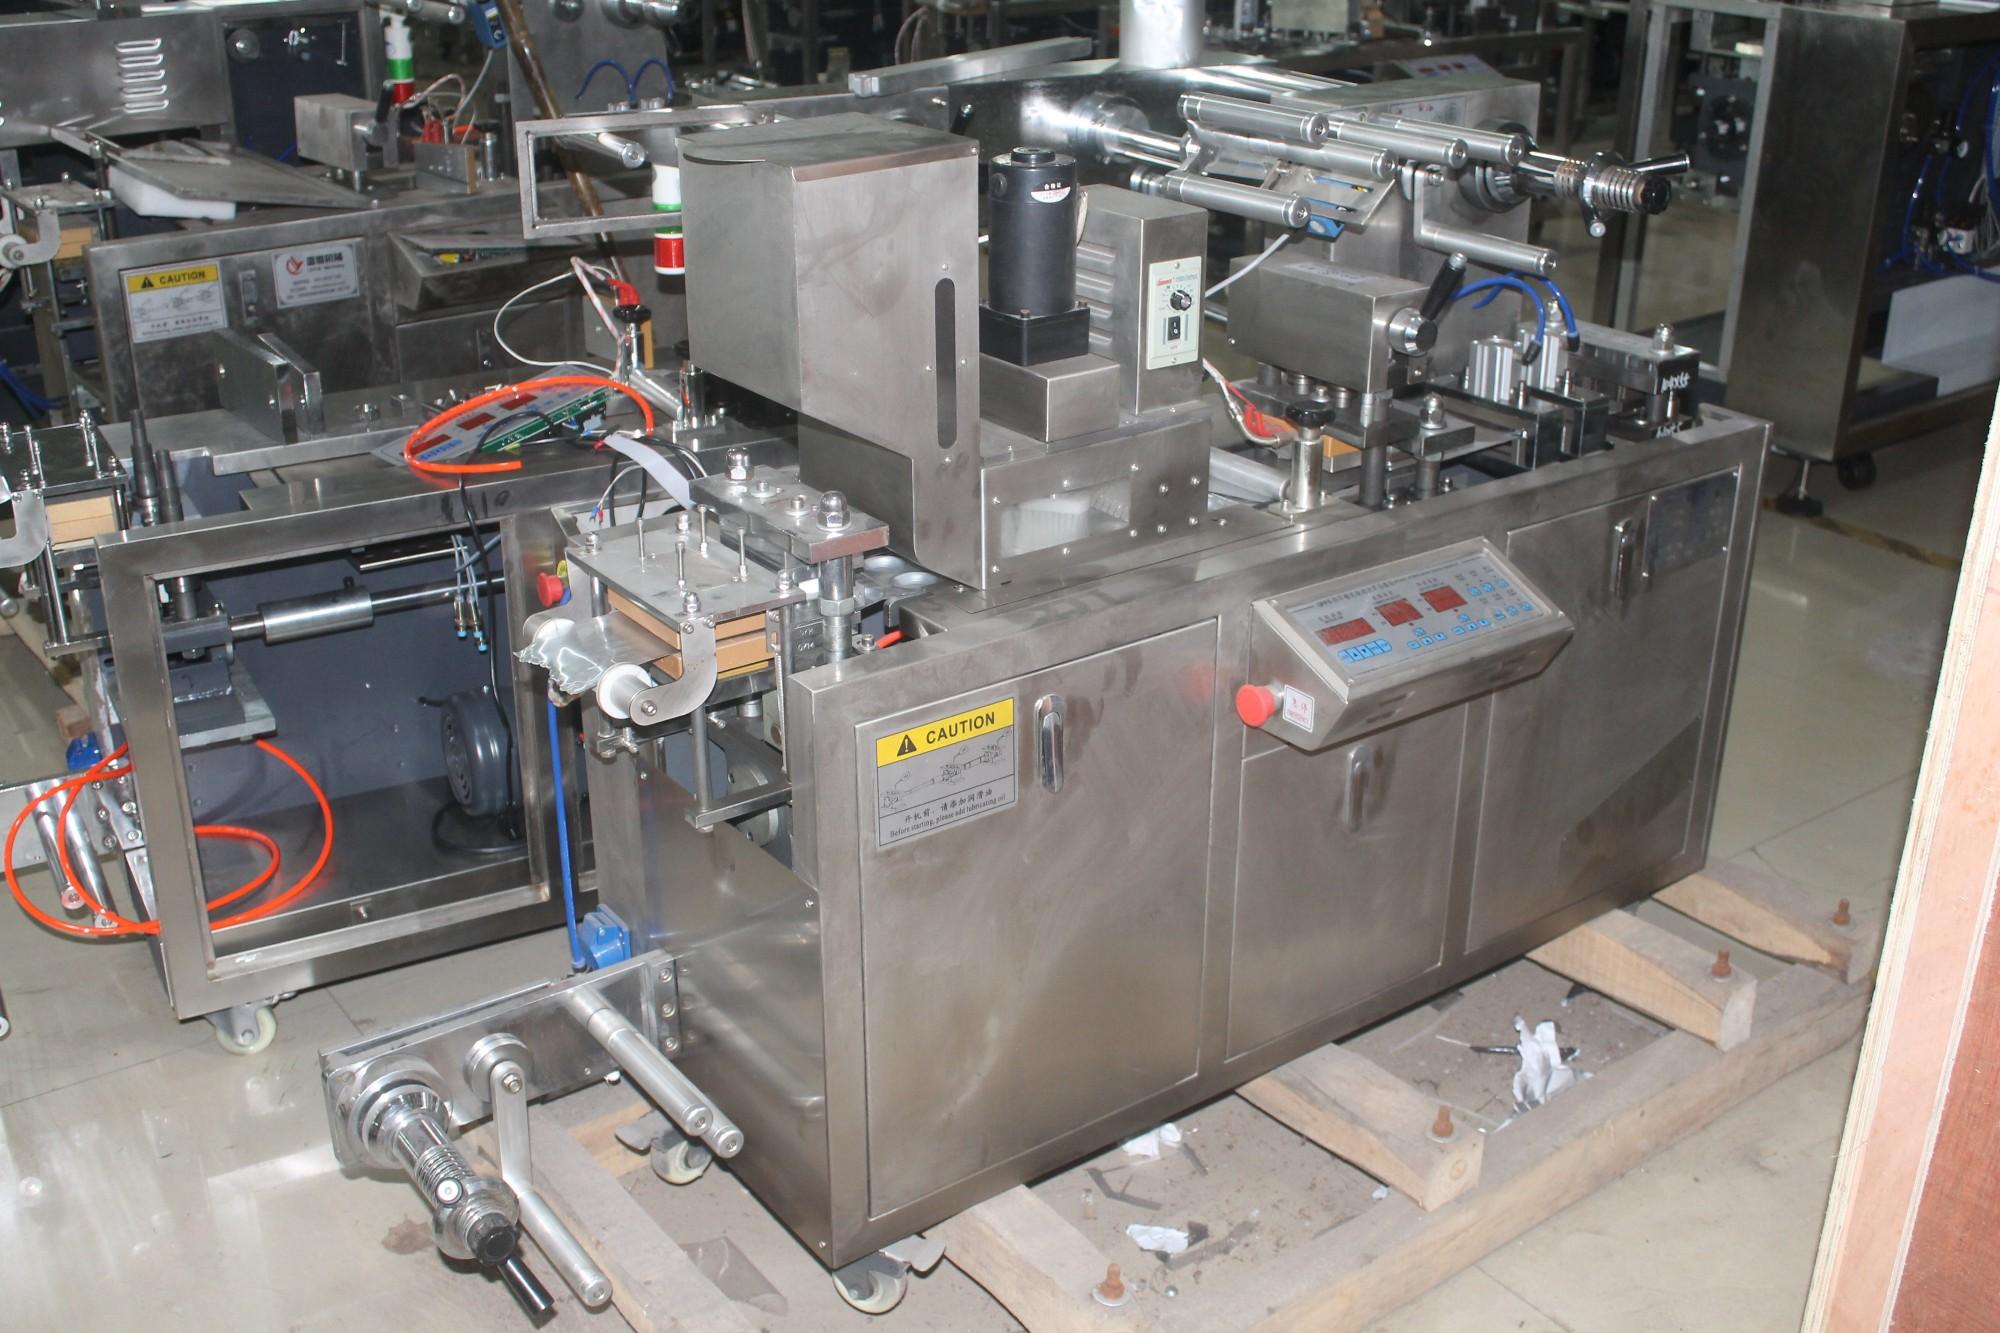 Αγοράστε DPP-150 Κάψουλα Συσκευασία Blister,DPP-150 Κάψουλα Συσκευασία Blister τιμές,DPP-150 Κάψουλα Συσκευασία Blister μάρκες,DPP-150 Κάψουλα Συσκευασία Blister Κατασκευαστής,DPP-150 Κάψουλα Συσκευασία Blister Εισηγμένες,DPP-150 Κάψουλα Συσκευασία Blister Εταιρείας,